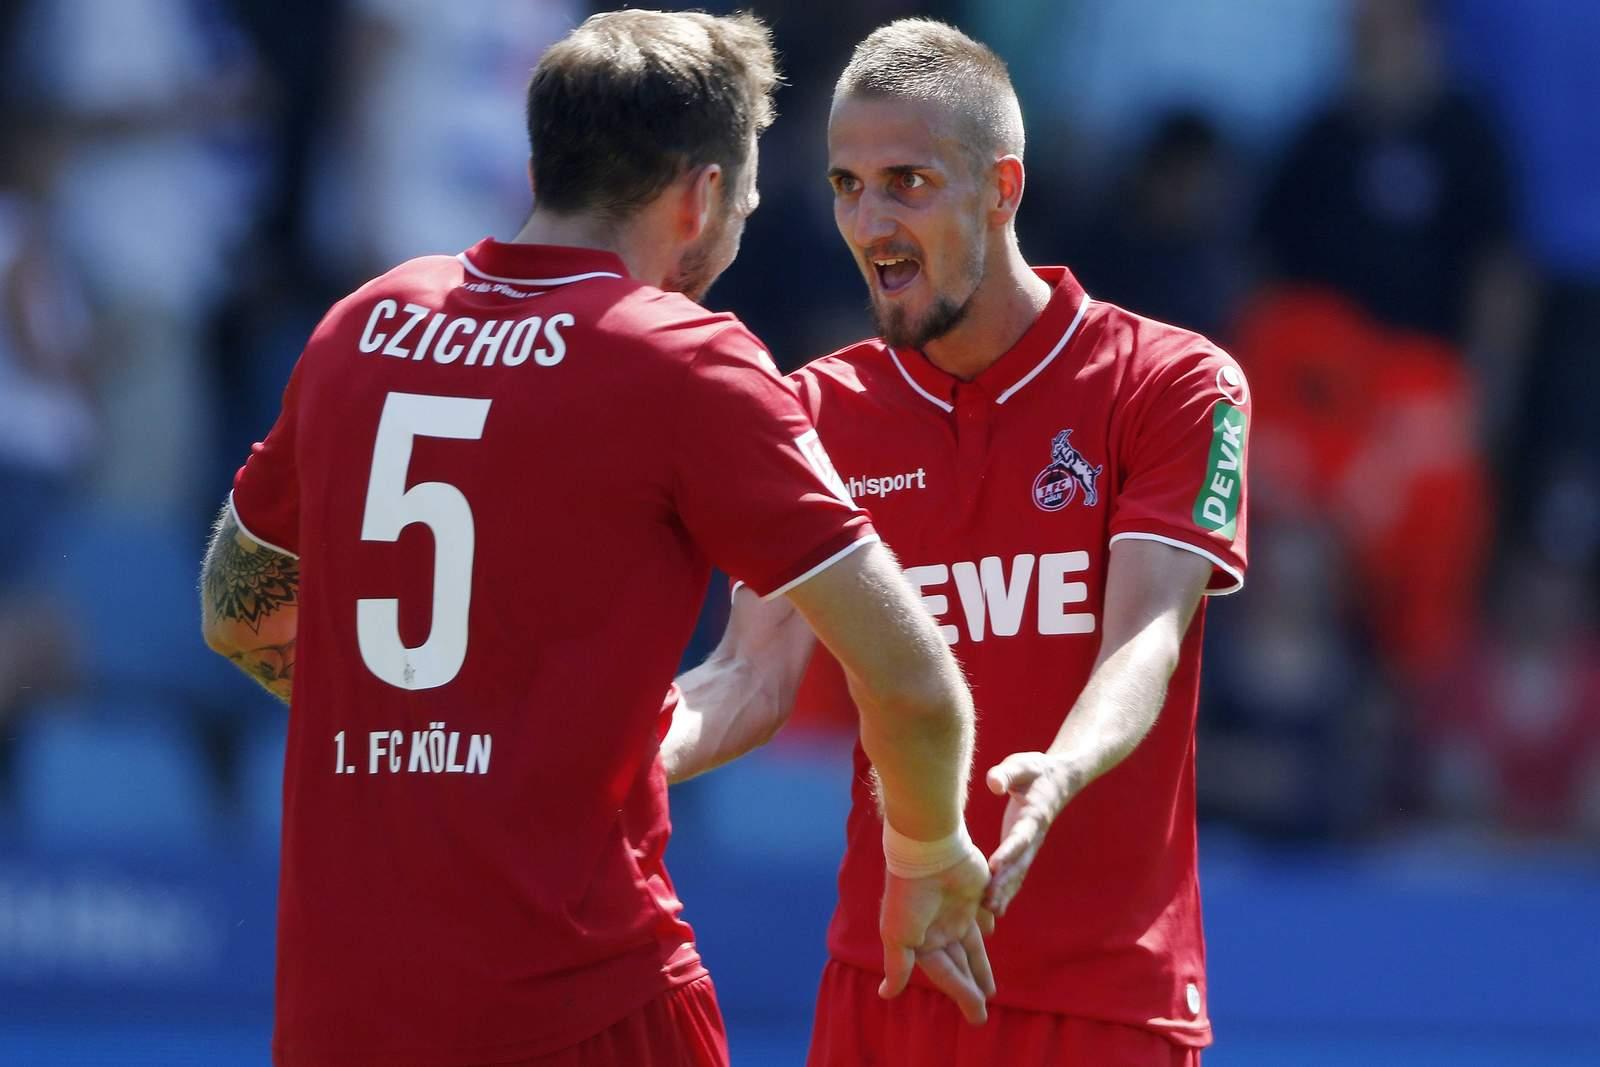 Setzen sich Dominick Drexler und Rafael Czichos bei Ex-Klub Kiel durch? Jetzt auf Kiel gegen Köln wetten.